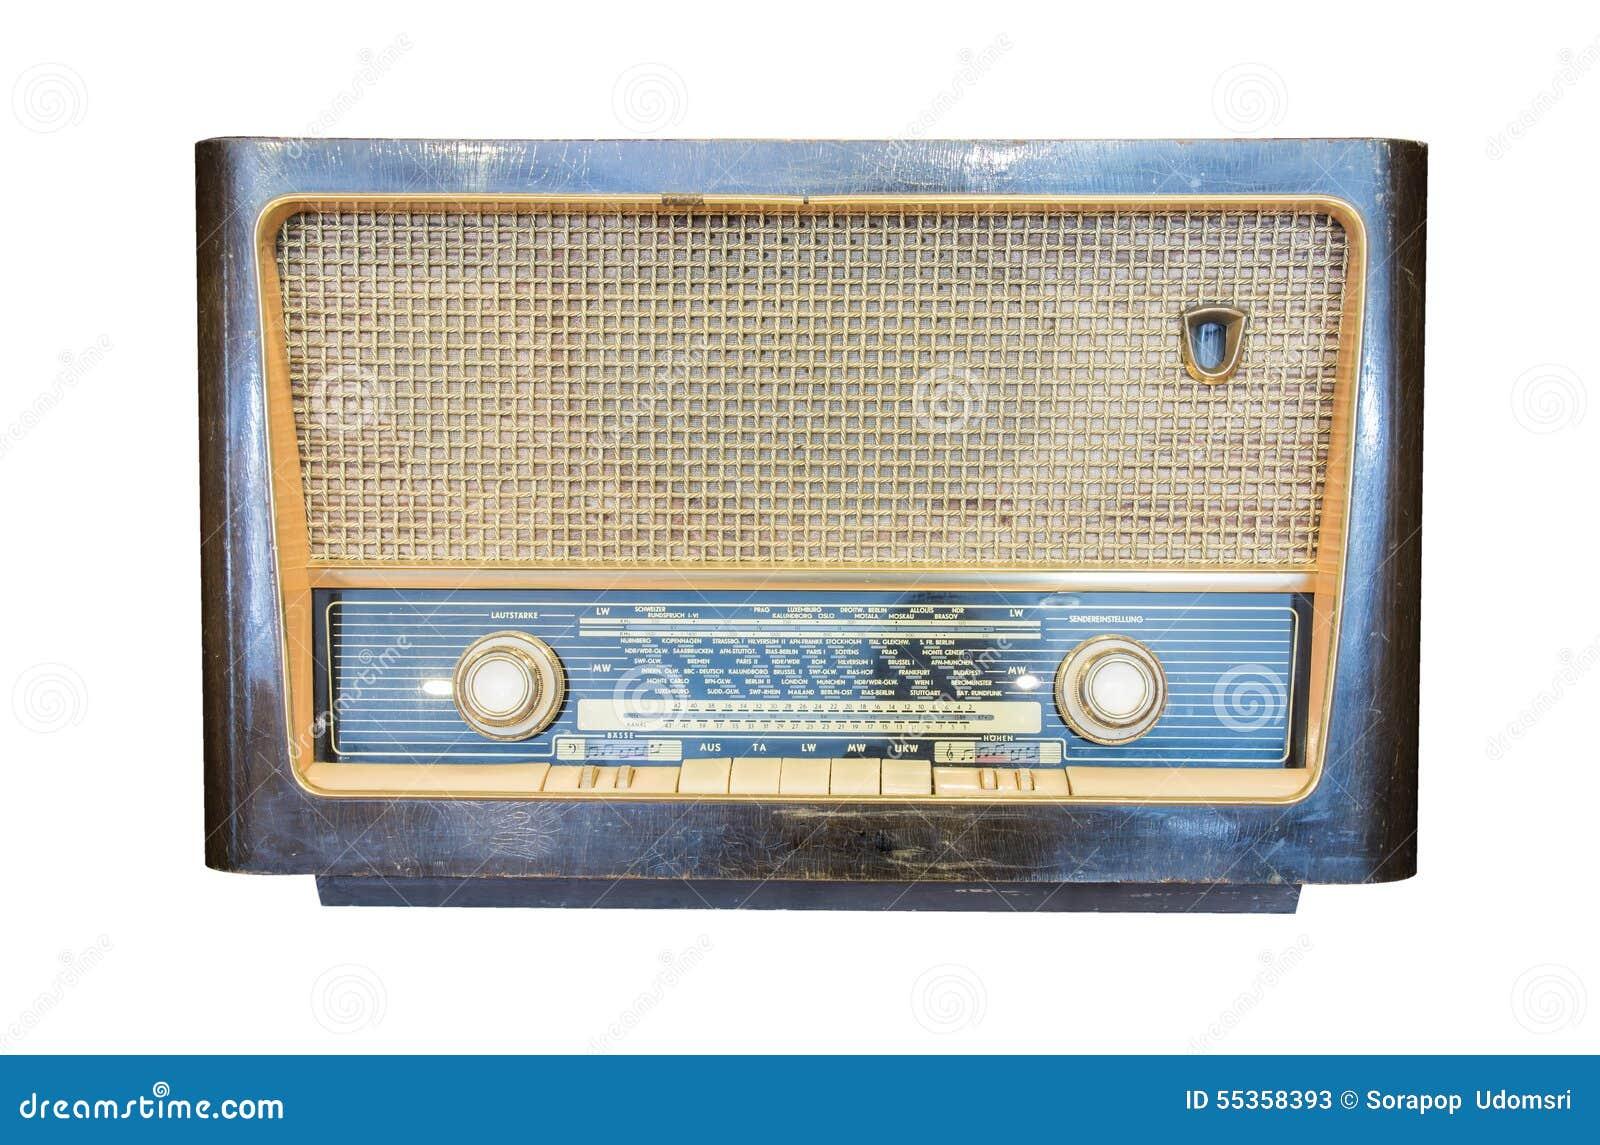 Radioricevitore anziano dell isolato di secolo scorso